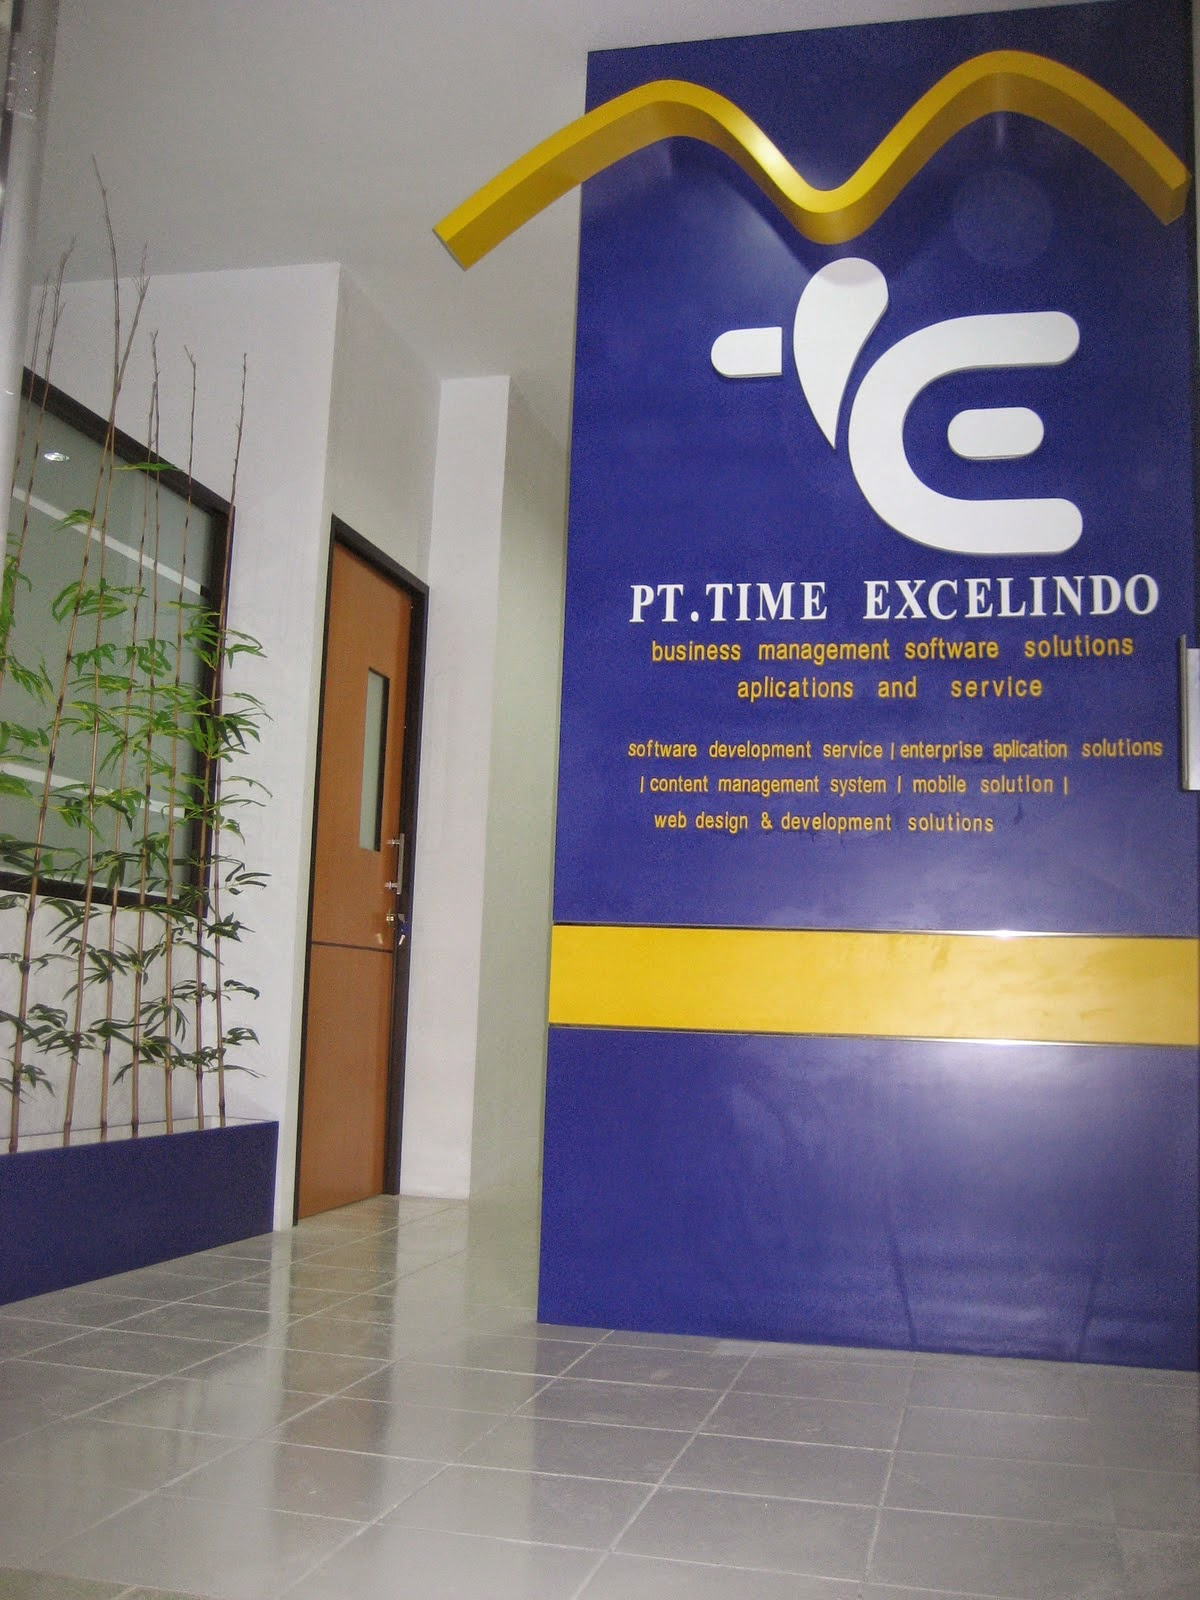 Lowongan Kerja Di Yogyakarta PT Time Excelindo Mei 2014